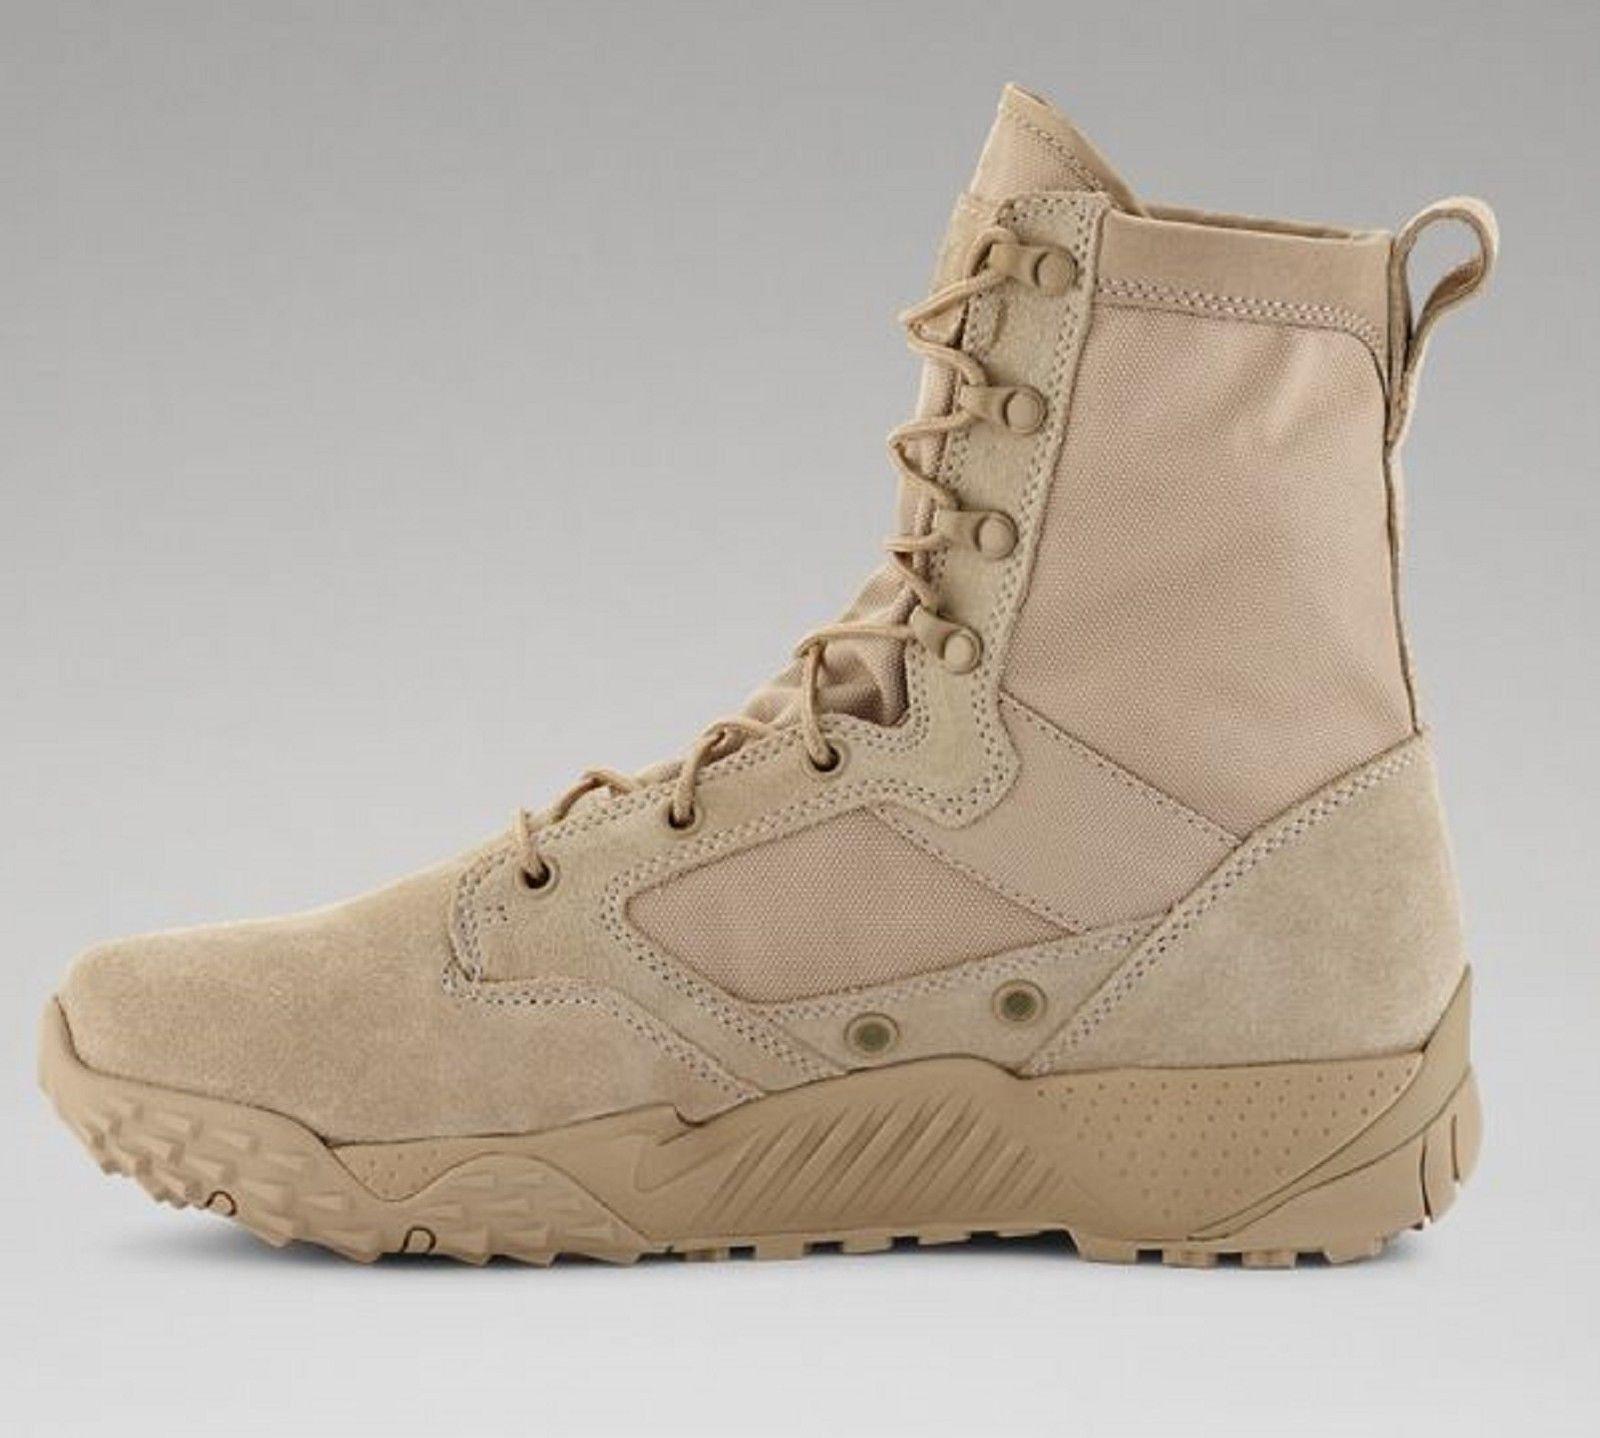 349eccfa199 Under Armour Jungle Rat Tactical Boot - UA 8